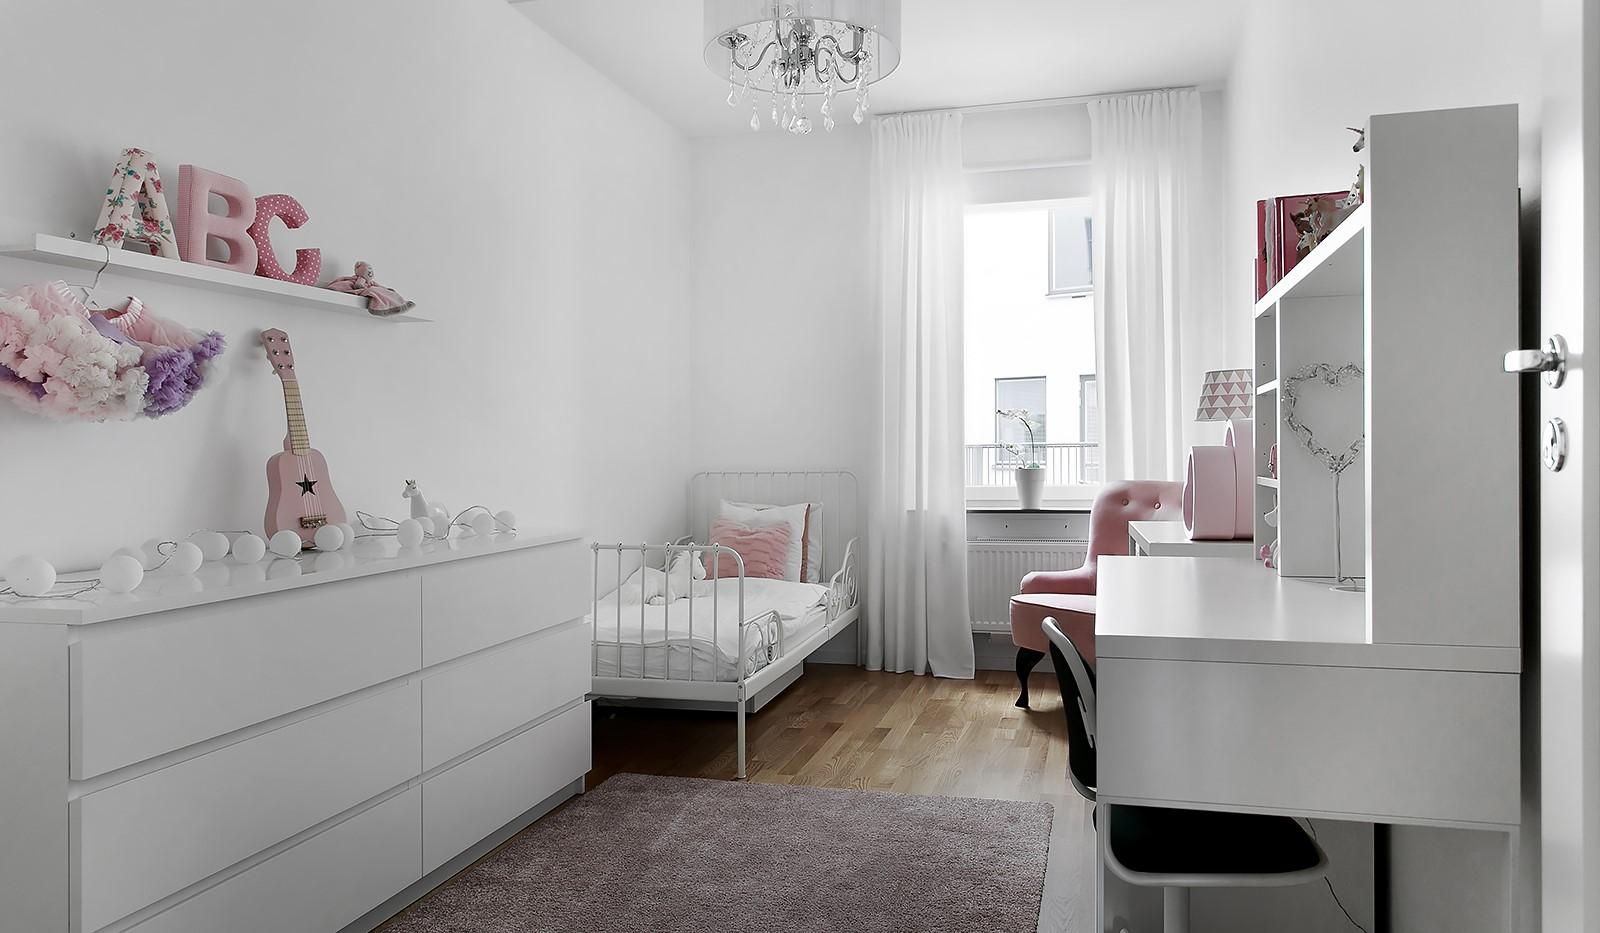 Oskarslundsbacken 13, 2tr - Trivsamt sovrum med vackert ljusinsläpp